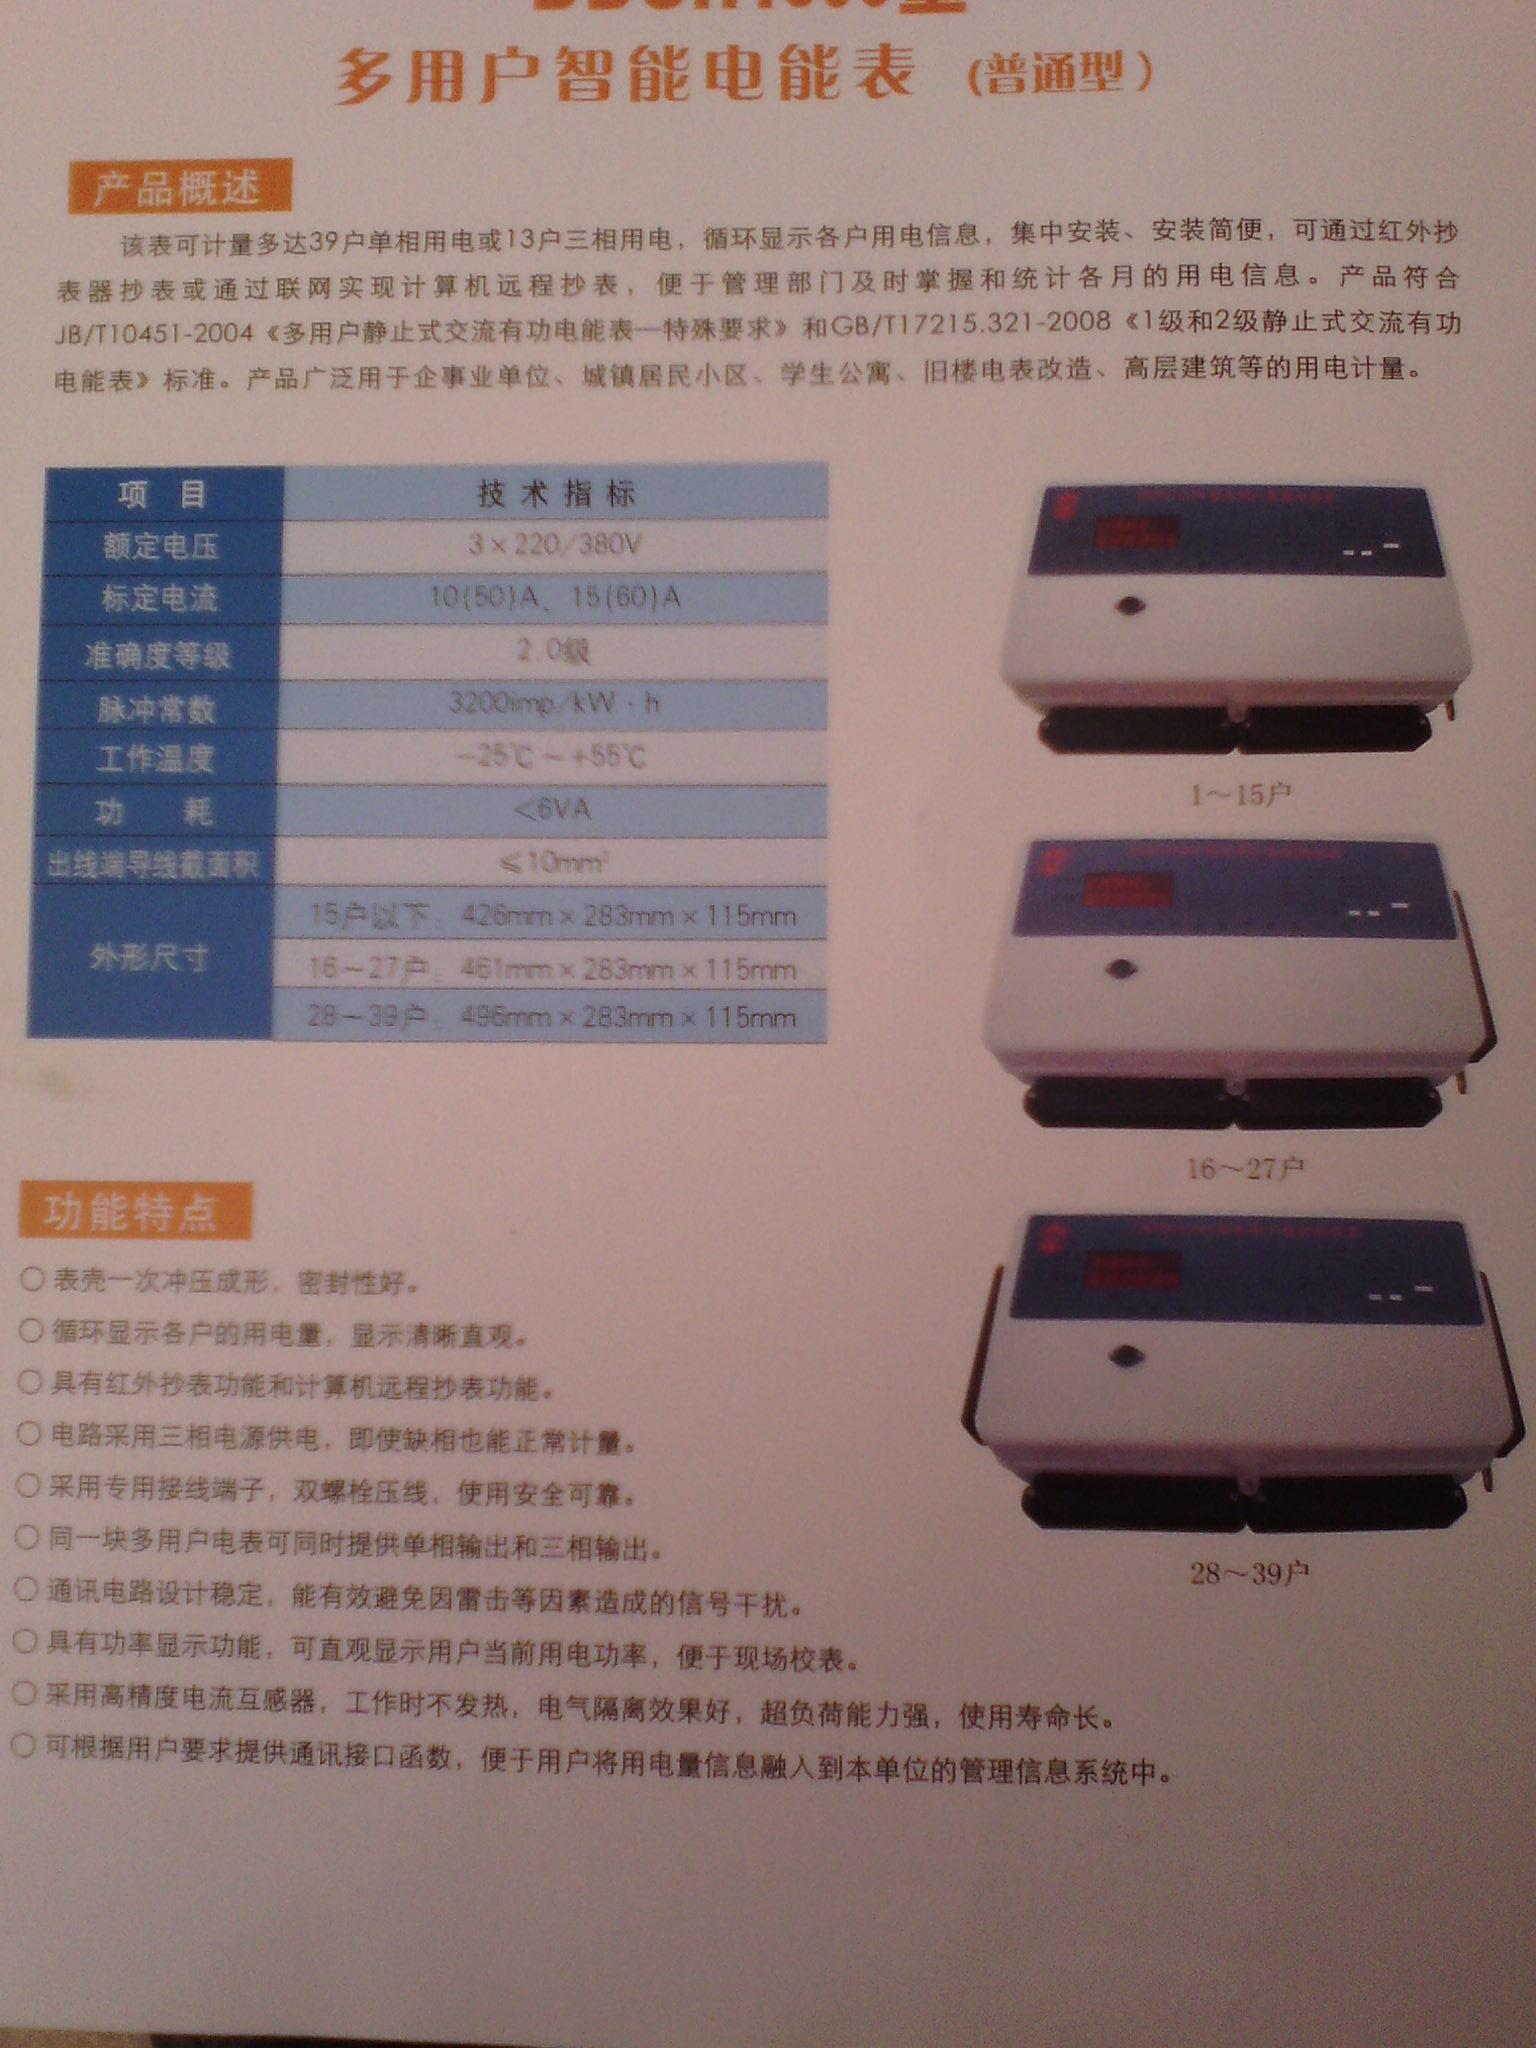 集中式多用户电表(后付费型)